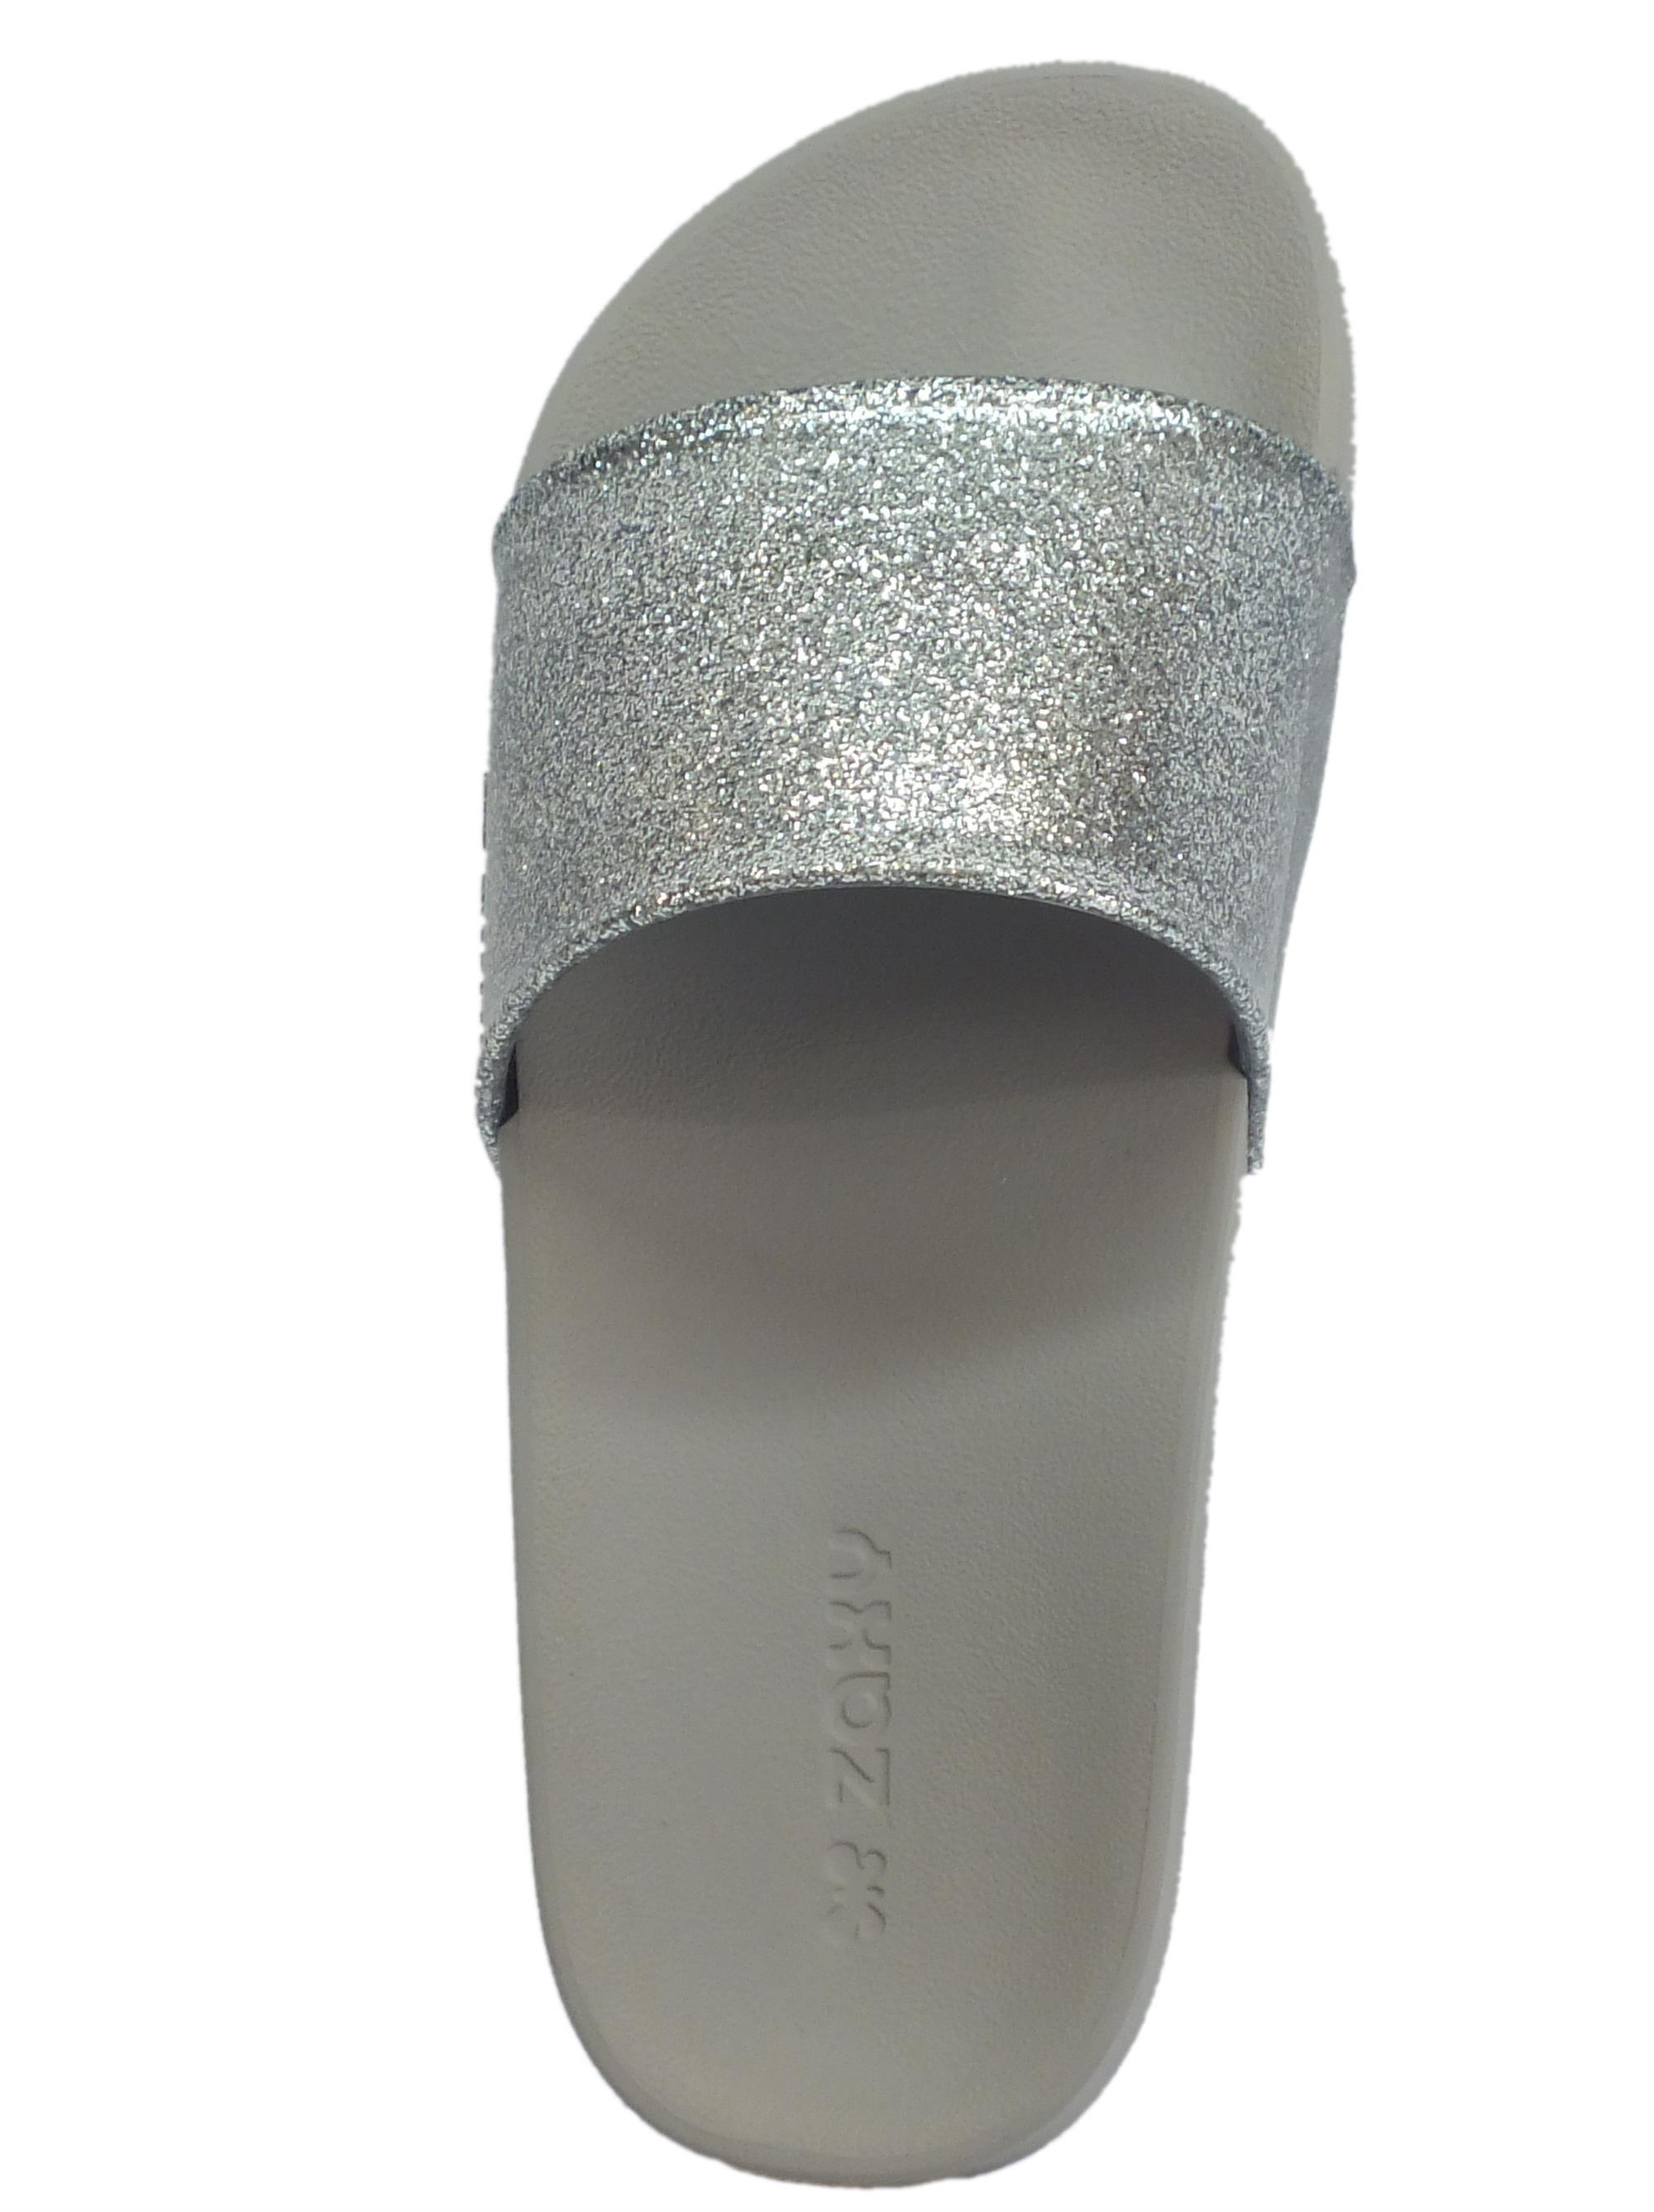 ... Ciabatte per donna Zaxy Snap Glitter Slide in gomma glitterata argento  e grigio c45fa3ebf75